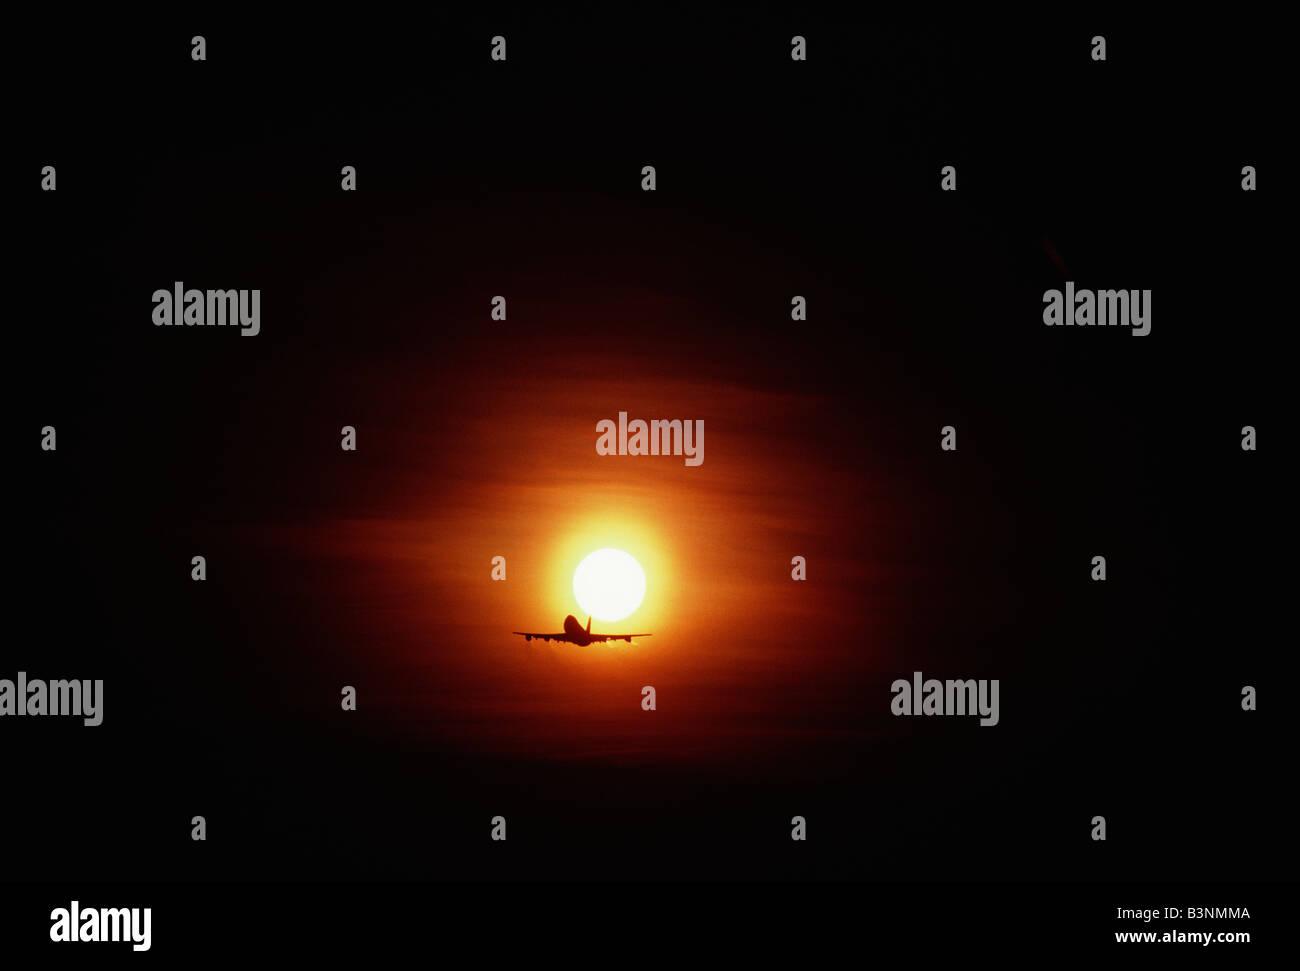 Commercial jetliner (Boeing 747 Jumbo Jet) flying into the setting sun - Stock Image